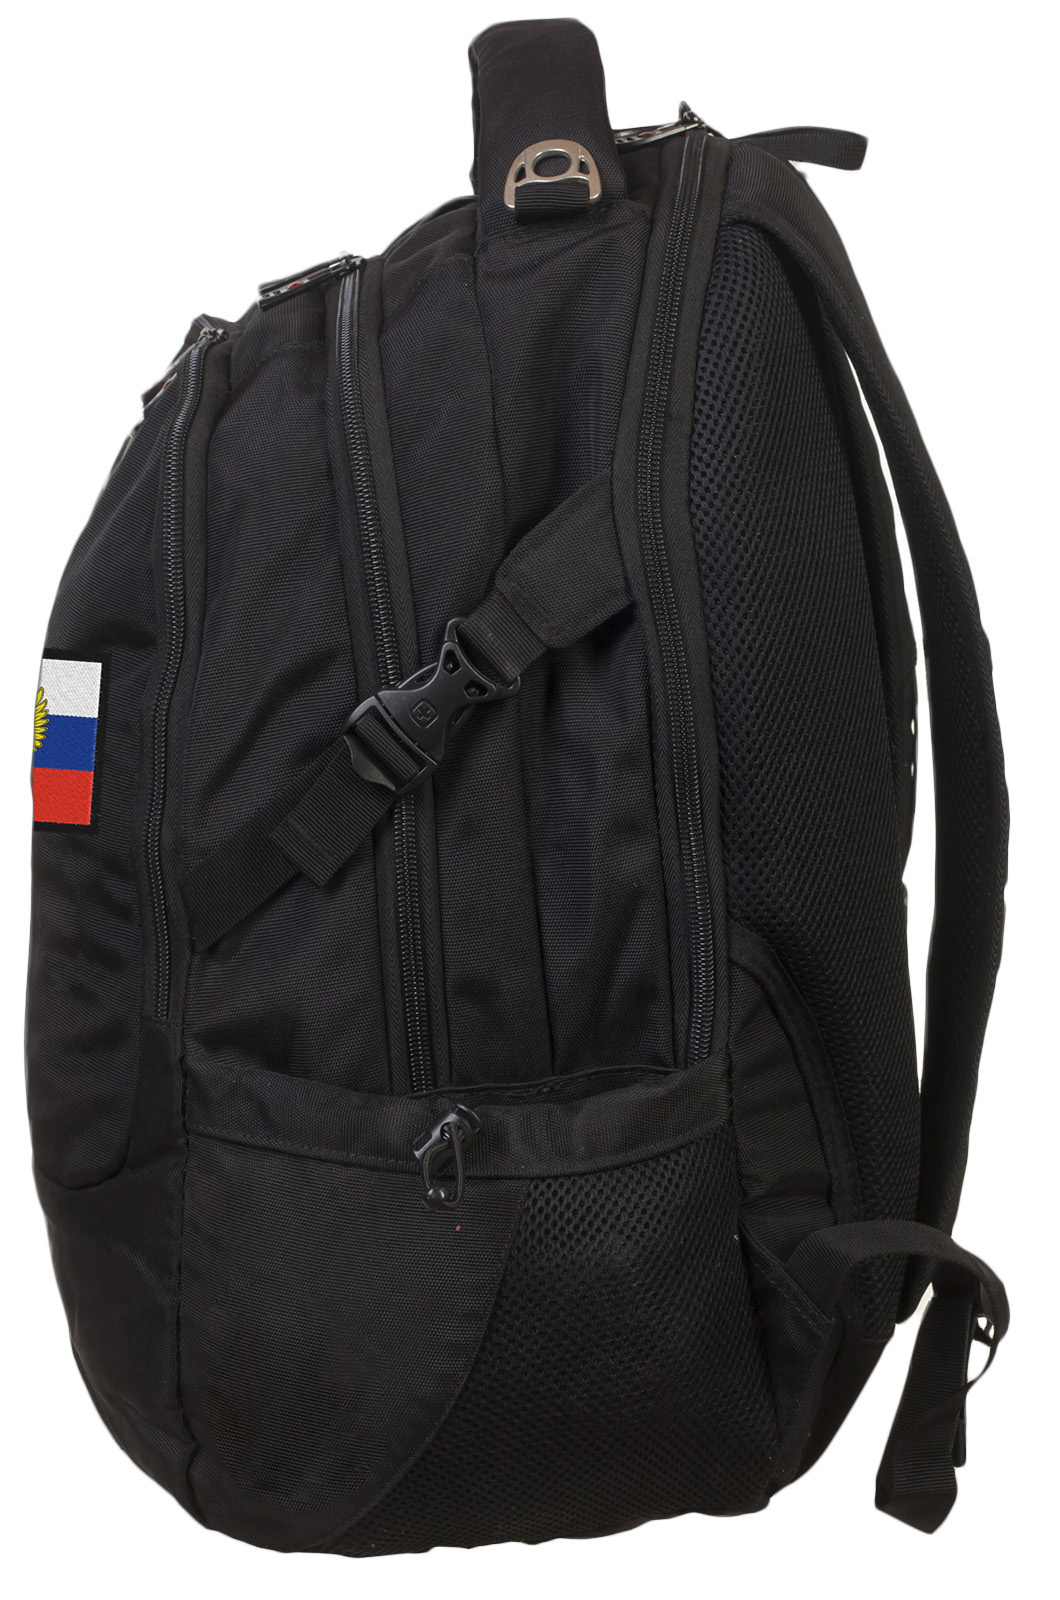 Эргономичный черный рюкзак с нашивкой Штандарт Президента - купить с доставкой